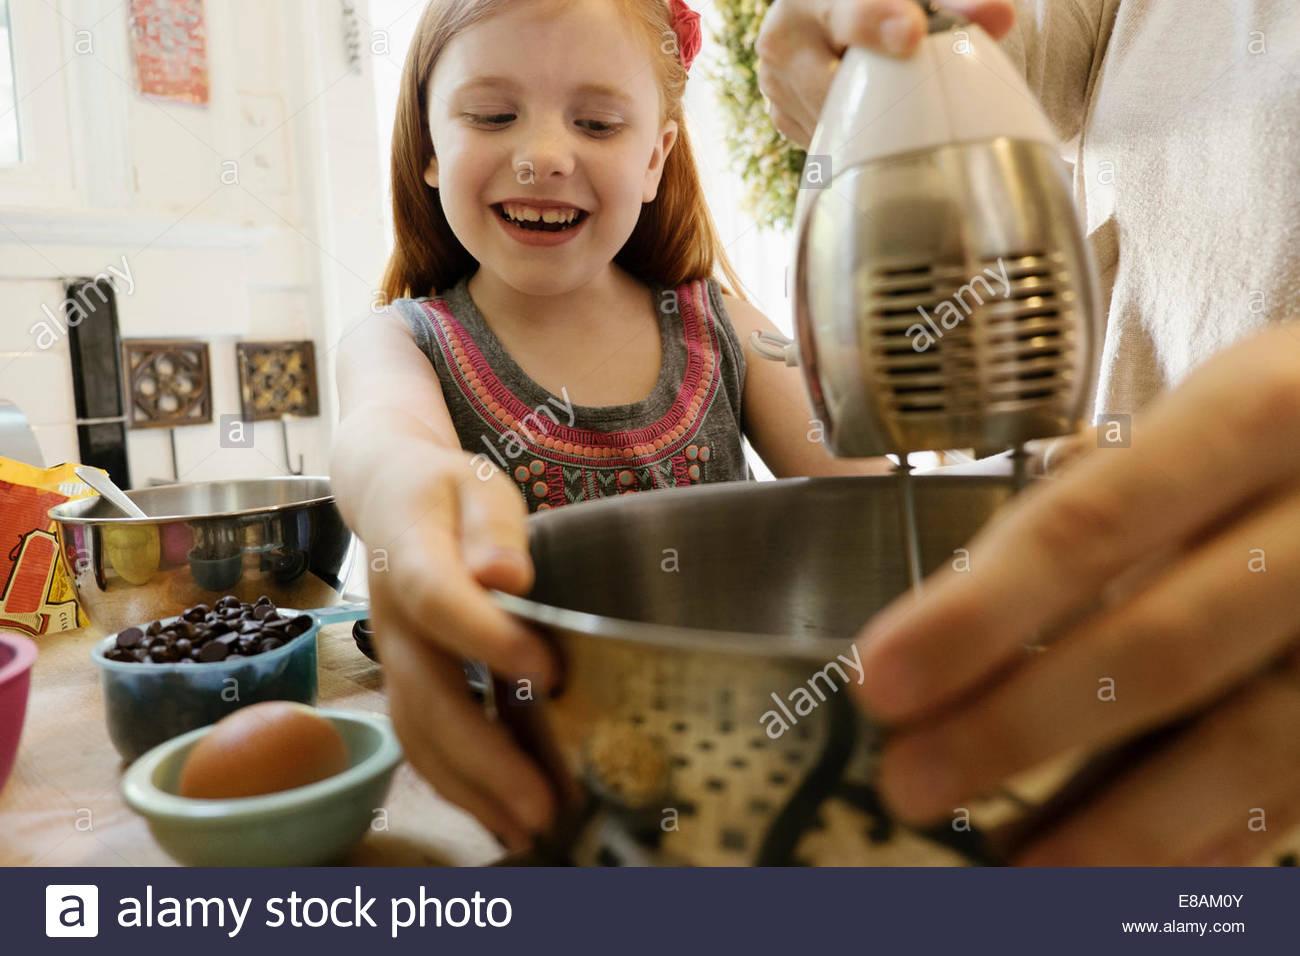 Mädchen, Mutter eine helfende hand in Küche Stockbild